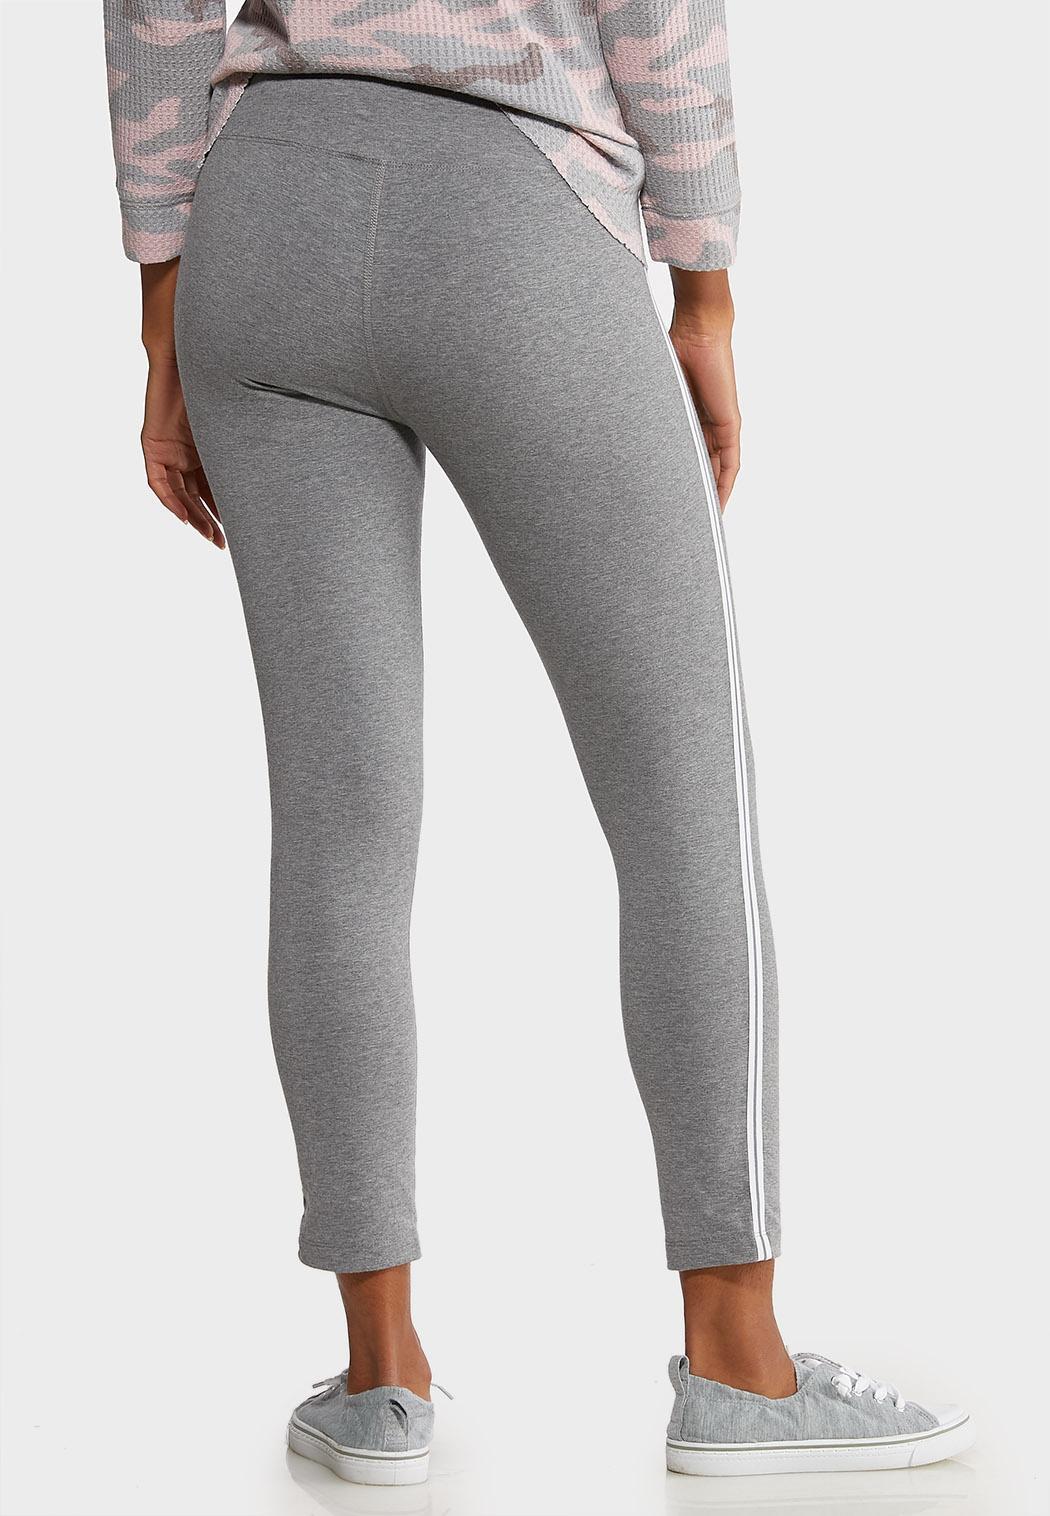 White Striped Leggings (Item #44096121)